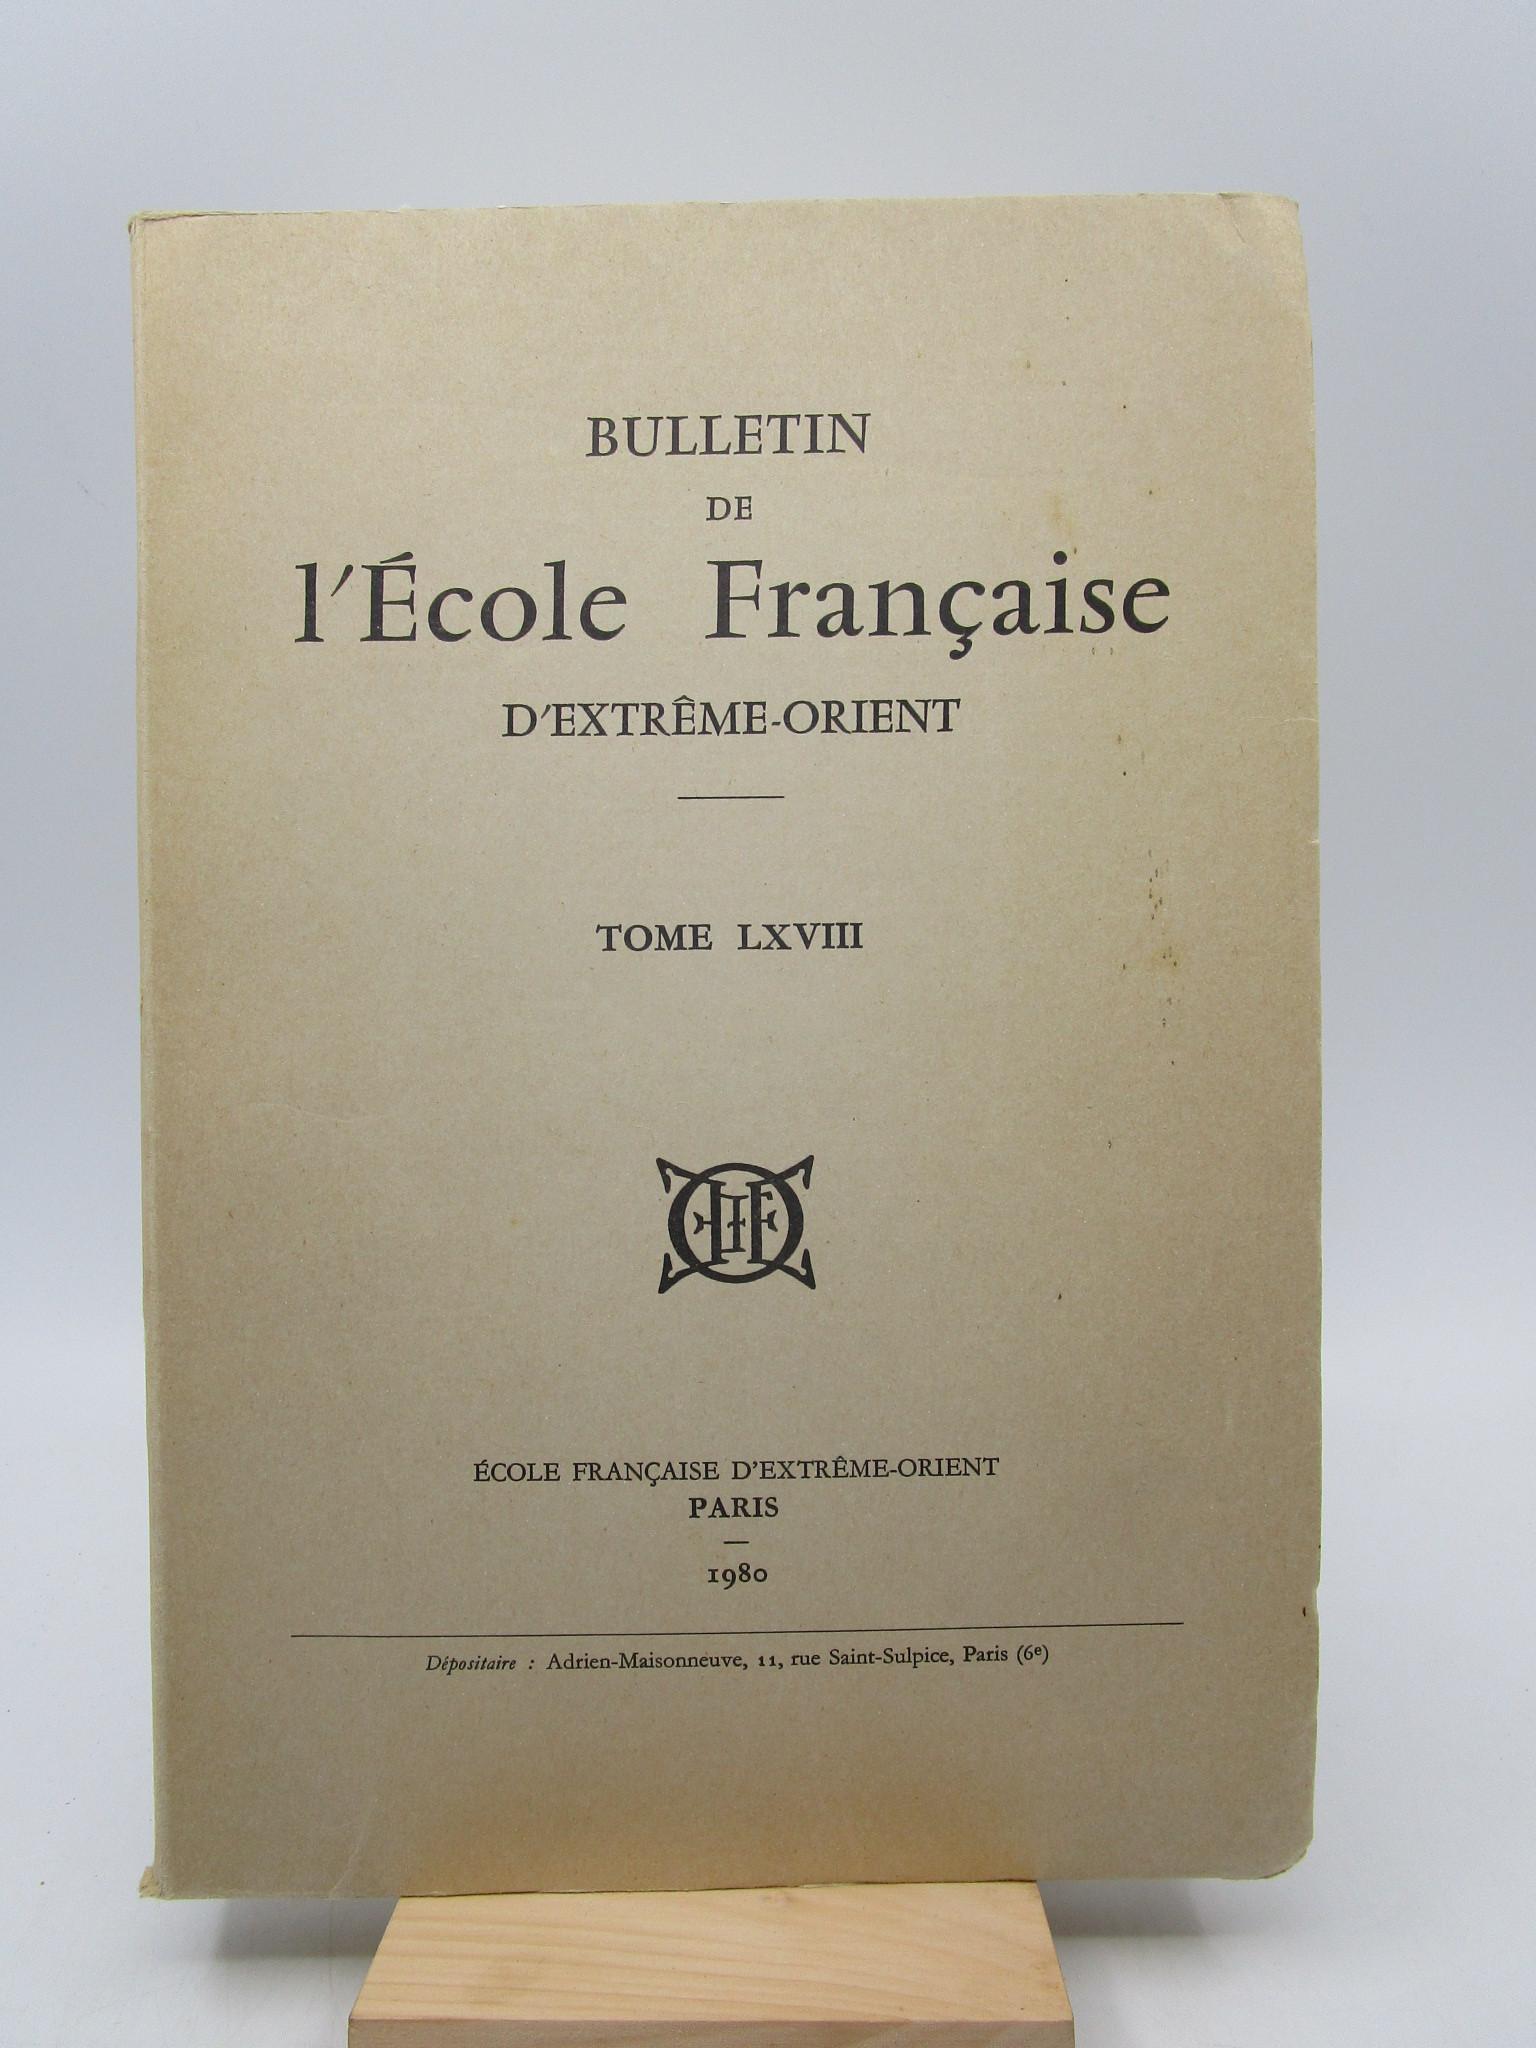 Image for Bulletin de l'Ecole Franaise d'Extrme-Orient, Tome LXVIII